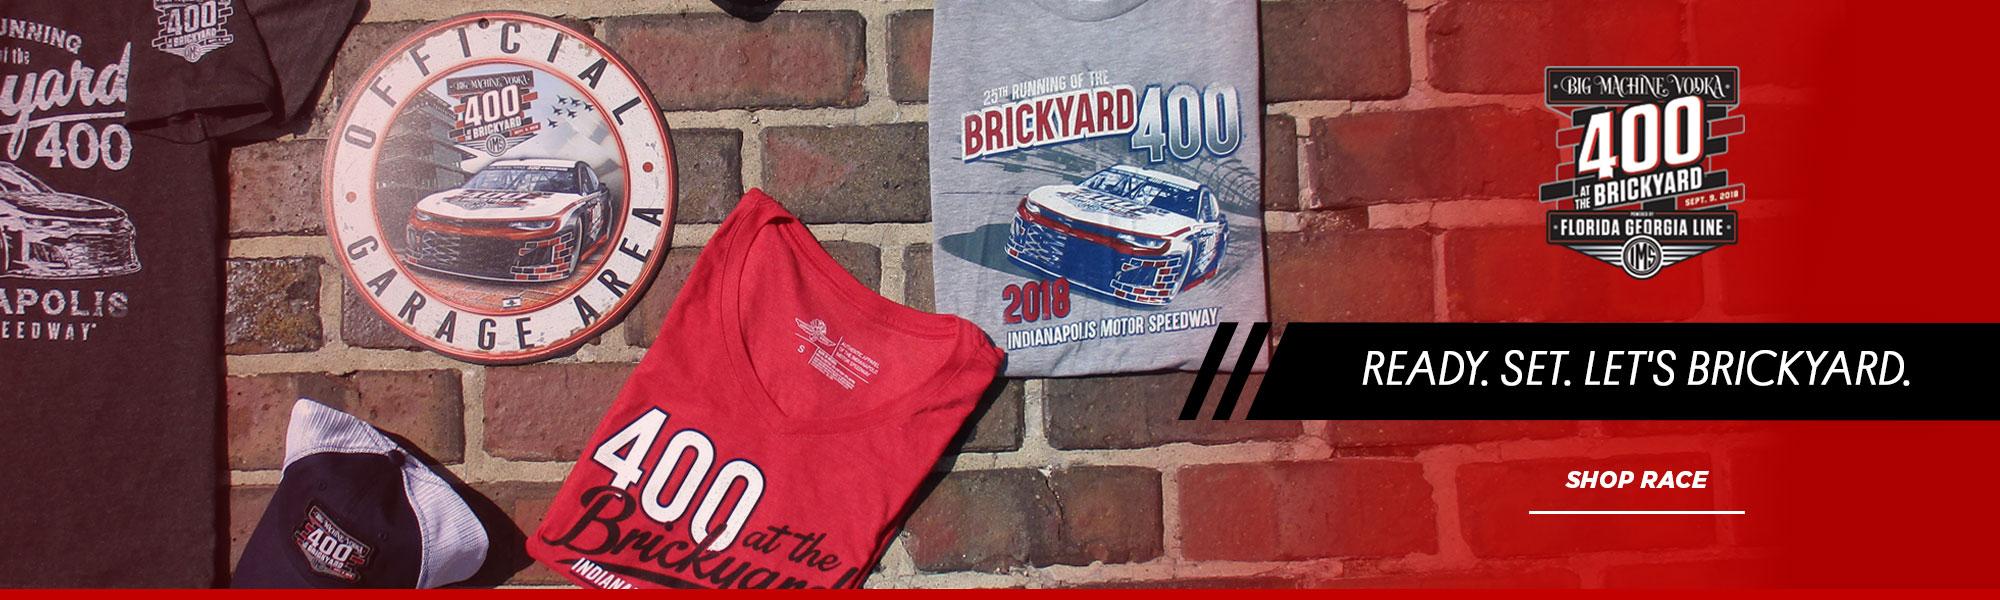 homepage-ims-brickyard-2018-race.jpg